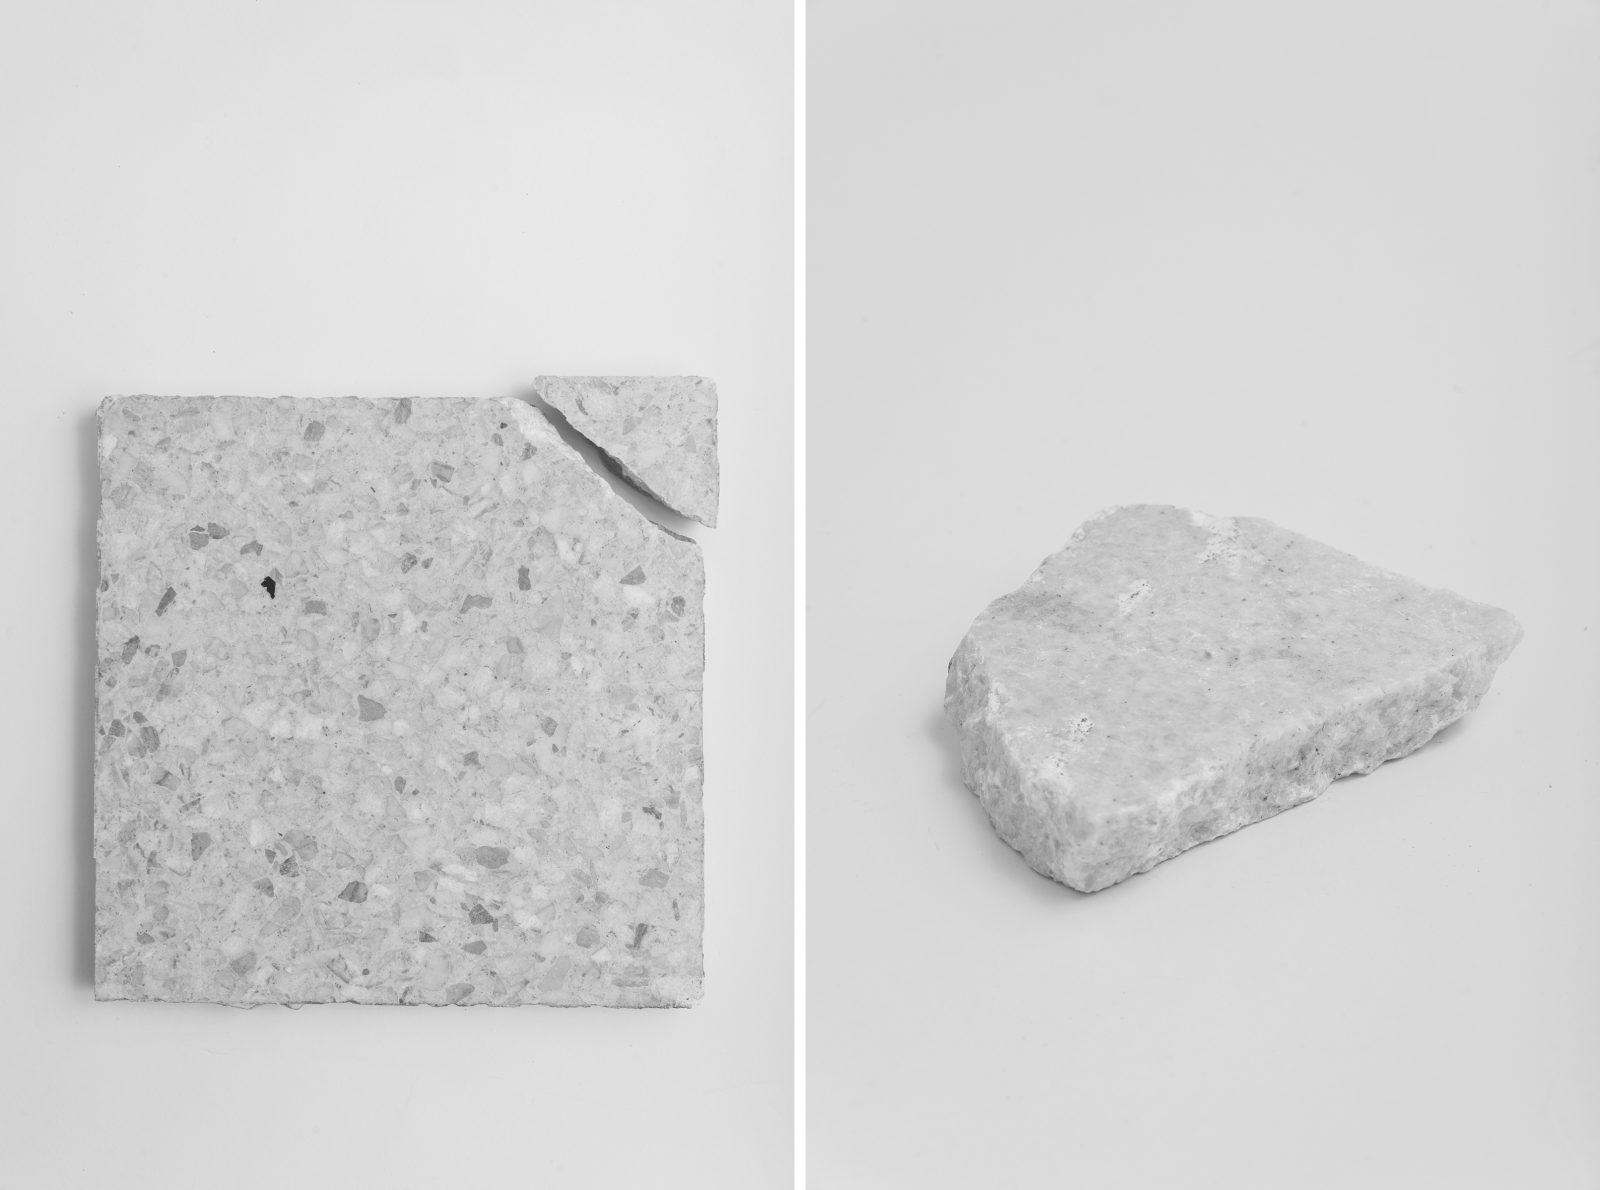 Floor tiles from Emilia pavilion in Warsaw, designed by Marian Kuźniar, Czesław Wegner, Hanna Lewicka, 1966-69. Photo Kuba Rodziewicz/RZUT, 2019